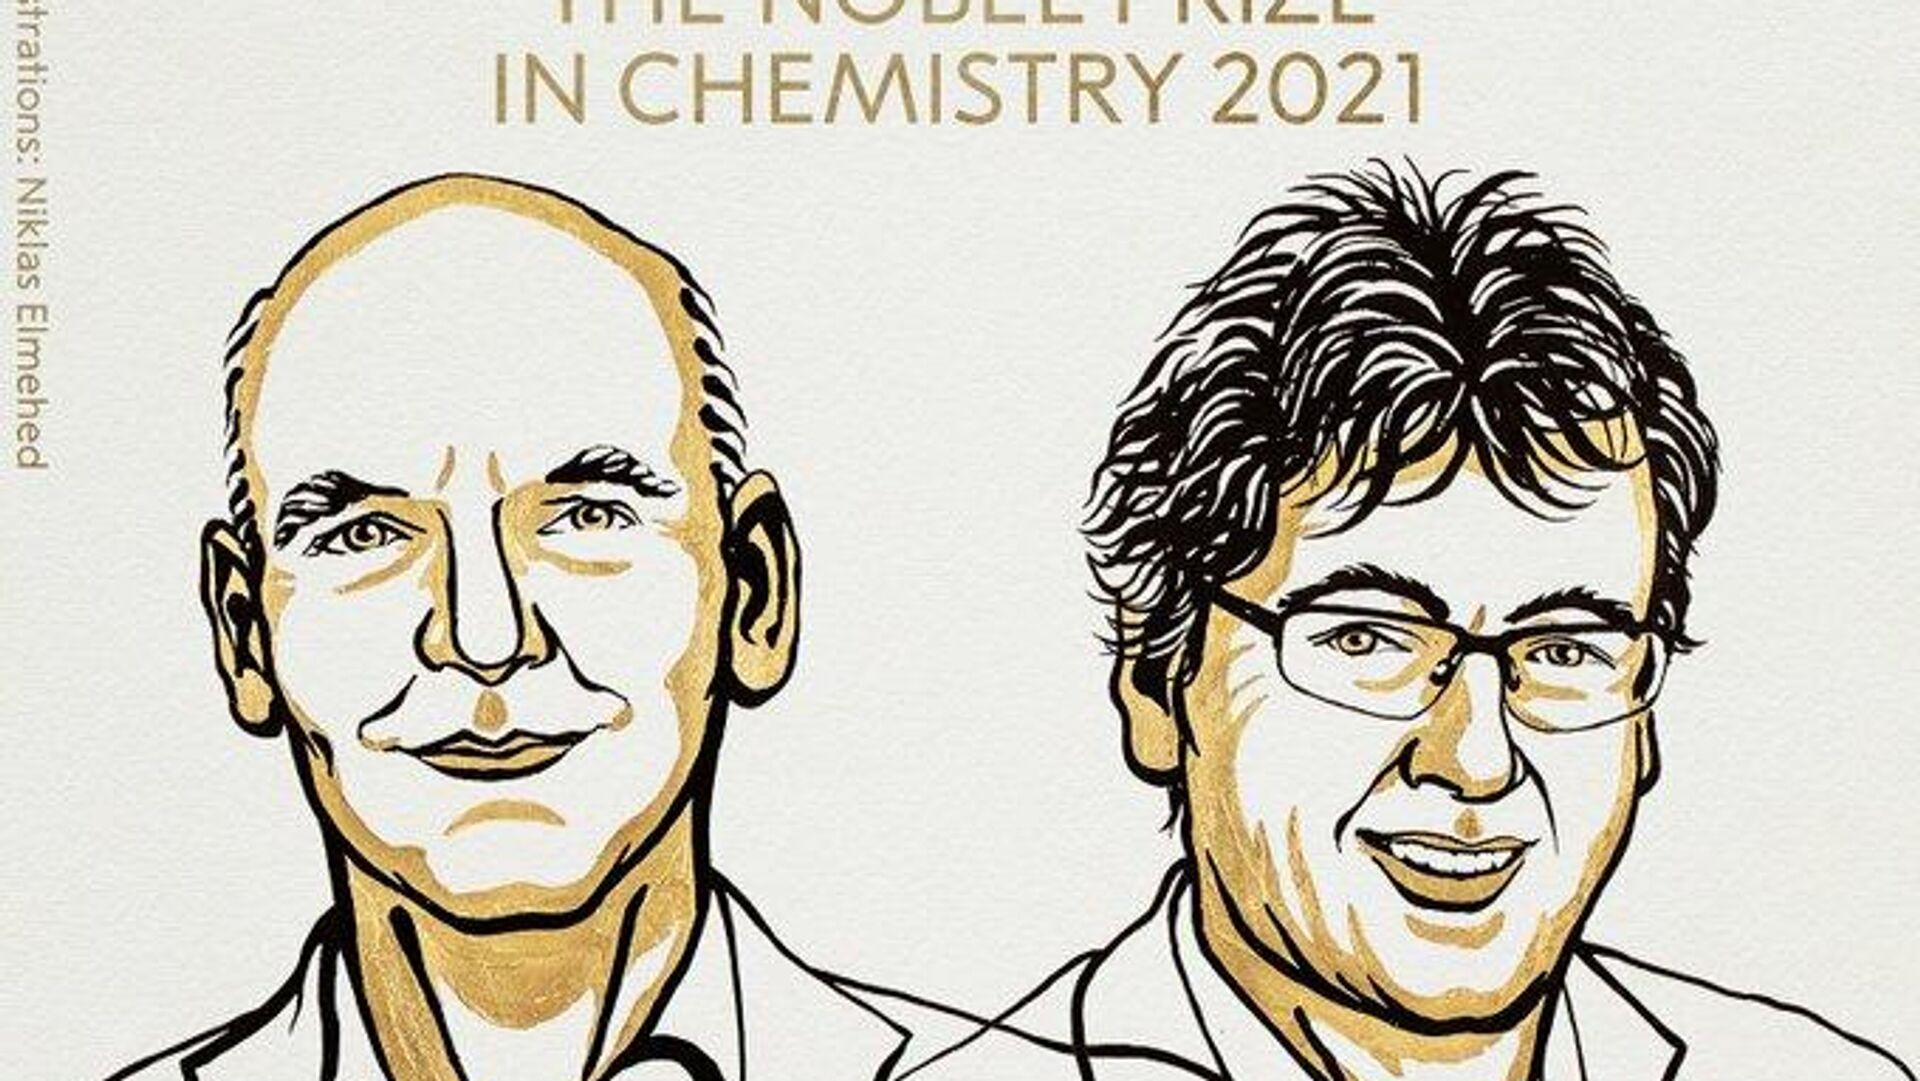 Οι νικητές του Νόμπελ Χημείας 2021 - Sputnik Ελλάδα, 1920, 06.10.2021